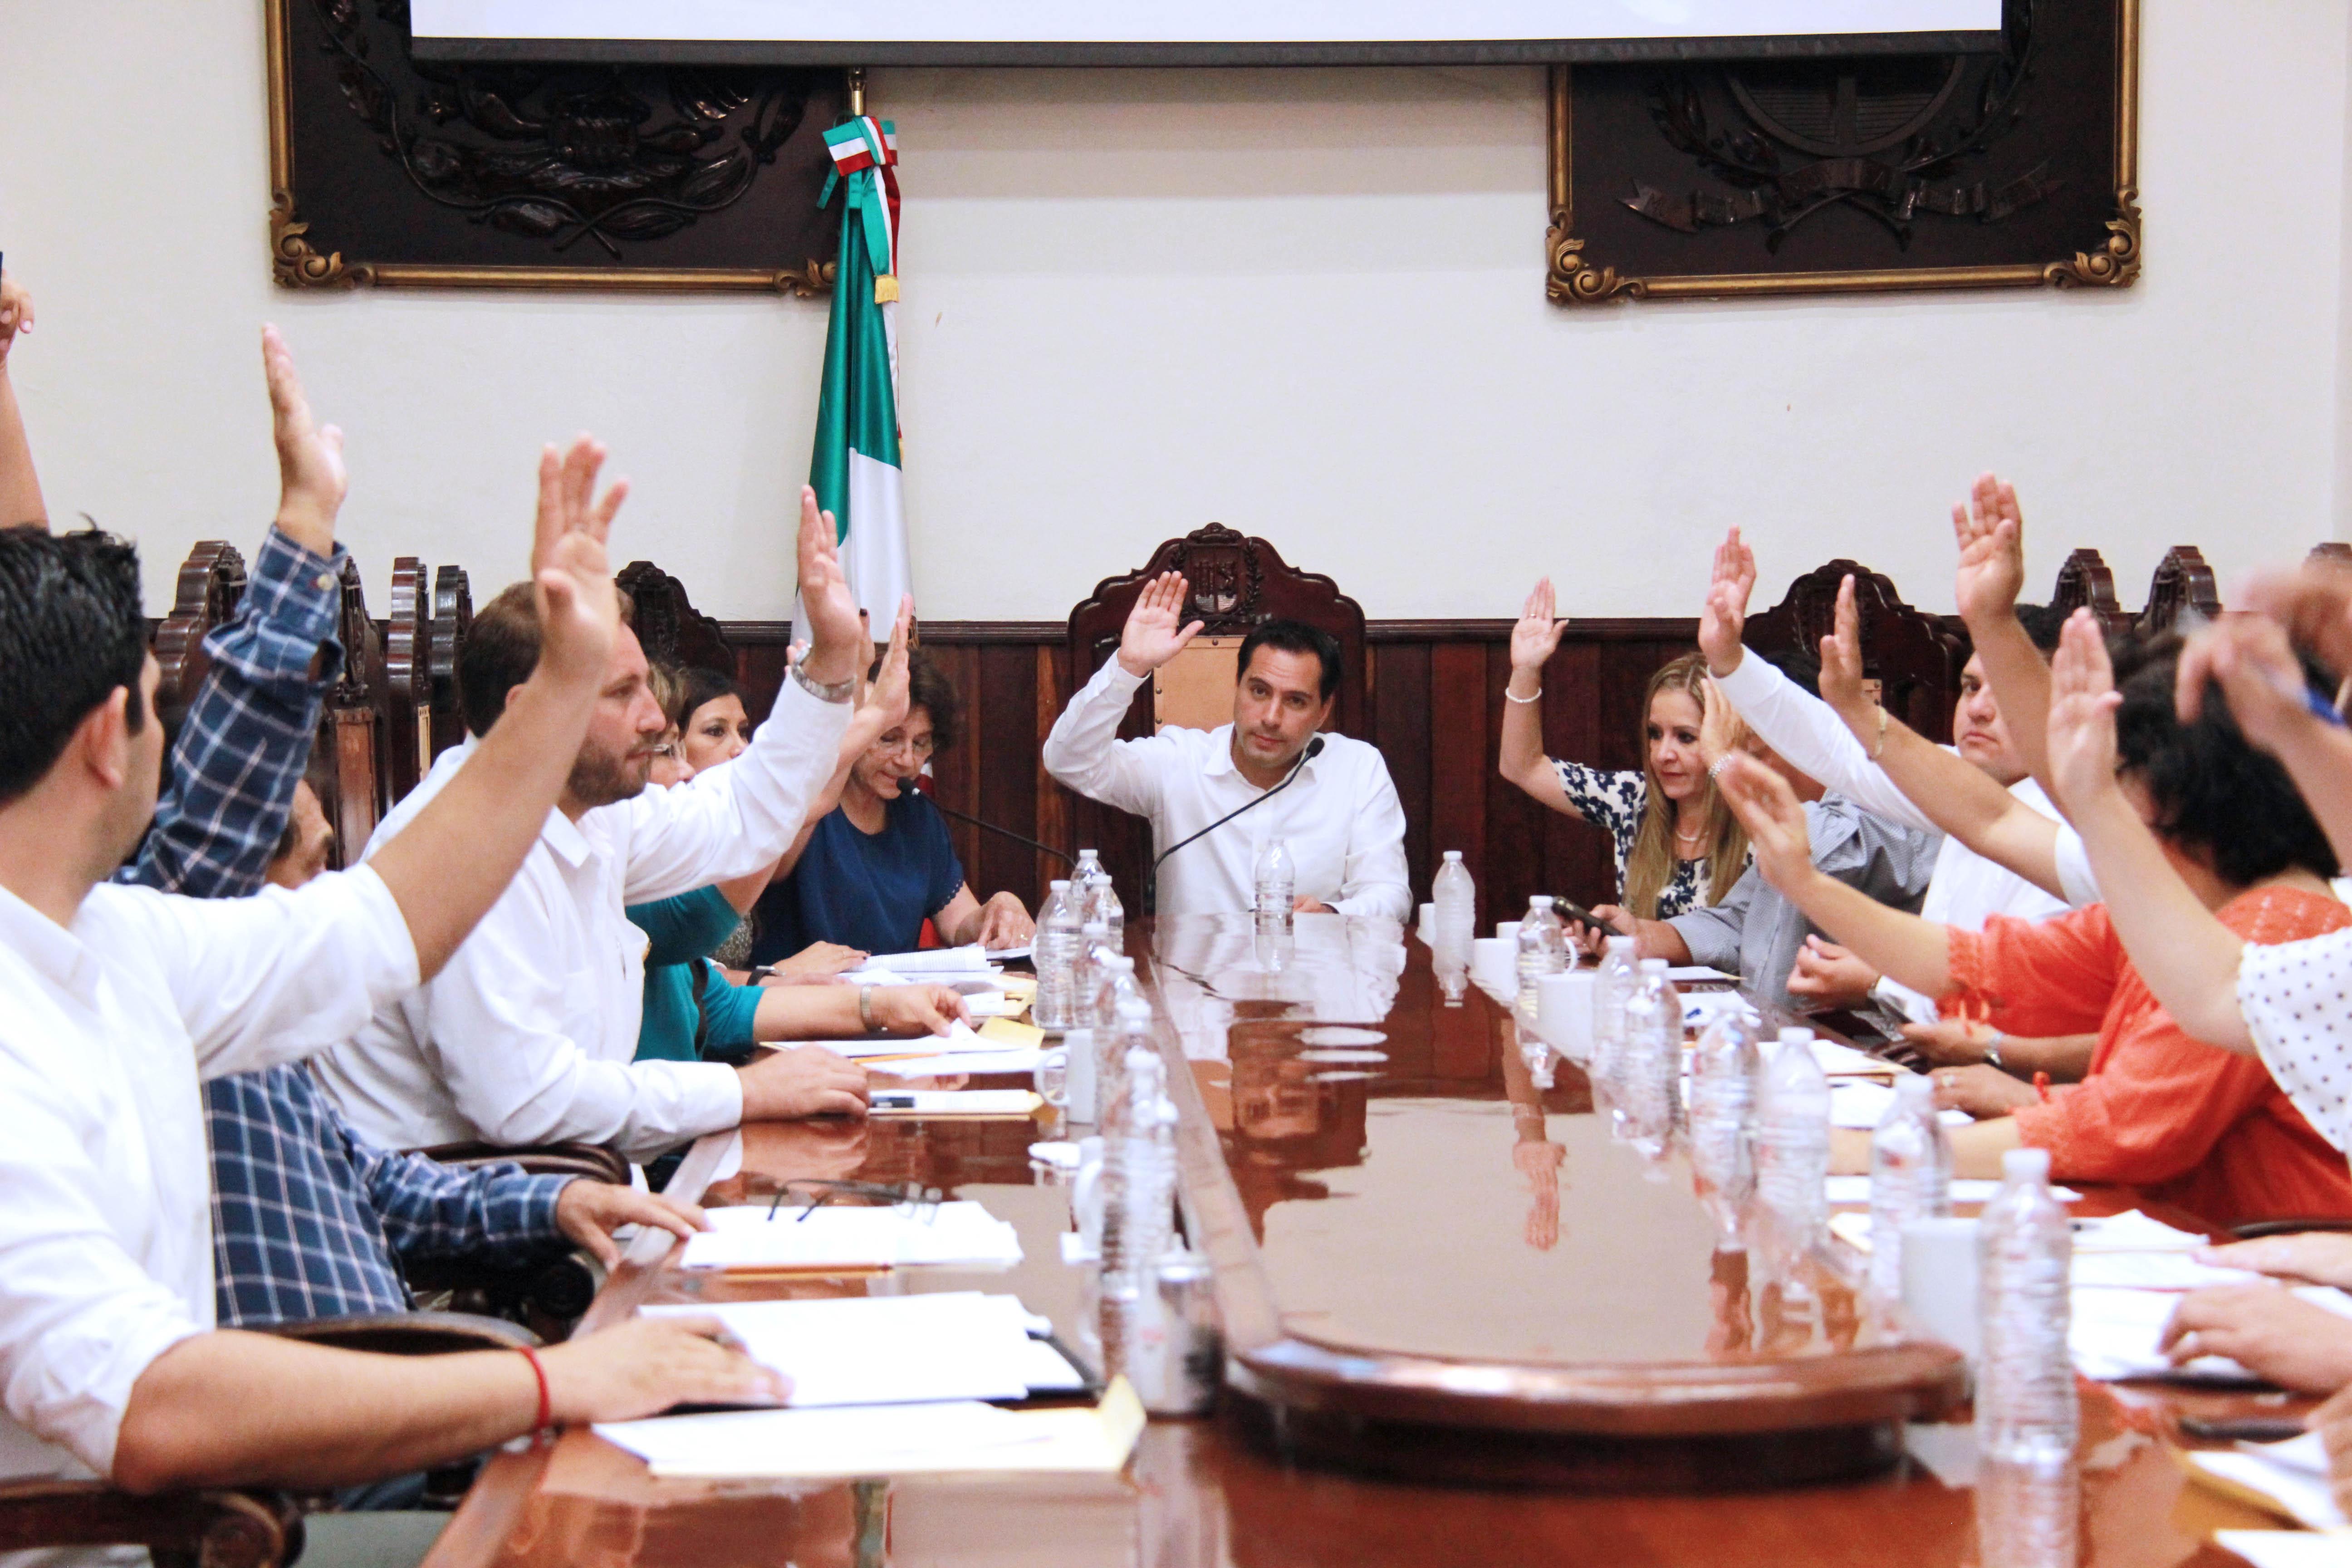 Aprueban propuesta para simplificación administrativa en Comuna de Mérida